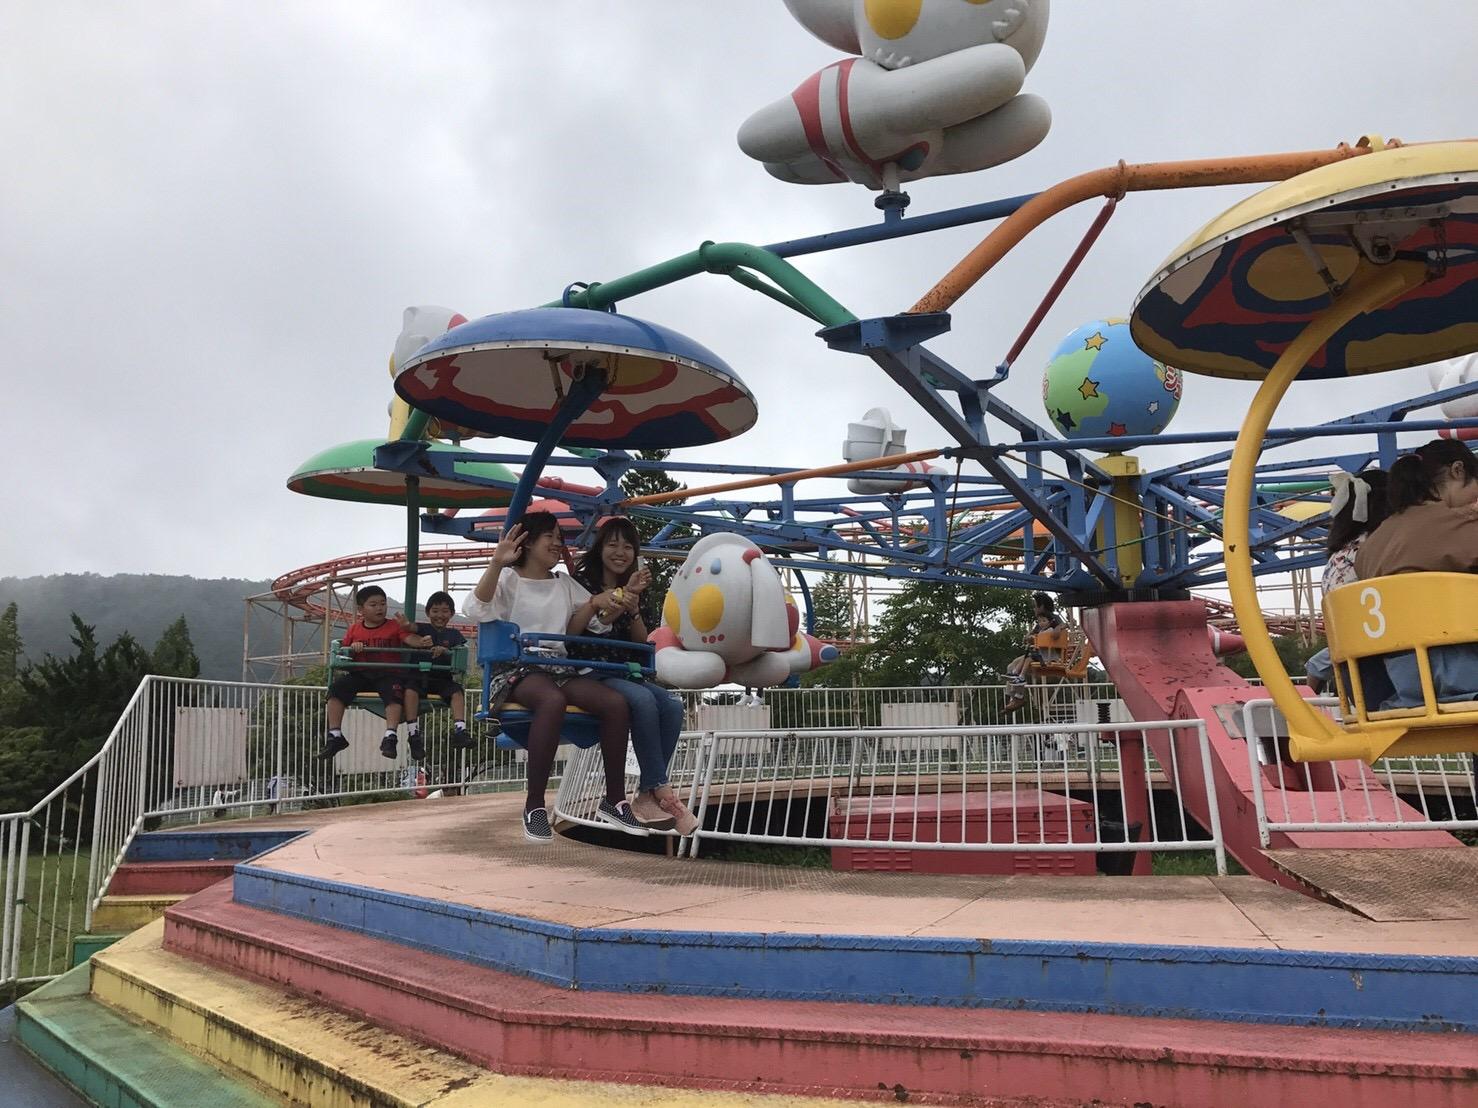 空中ブランコに乗って楽しむ子どもたち